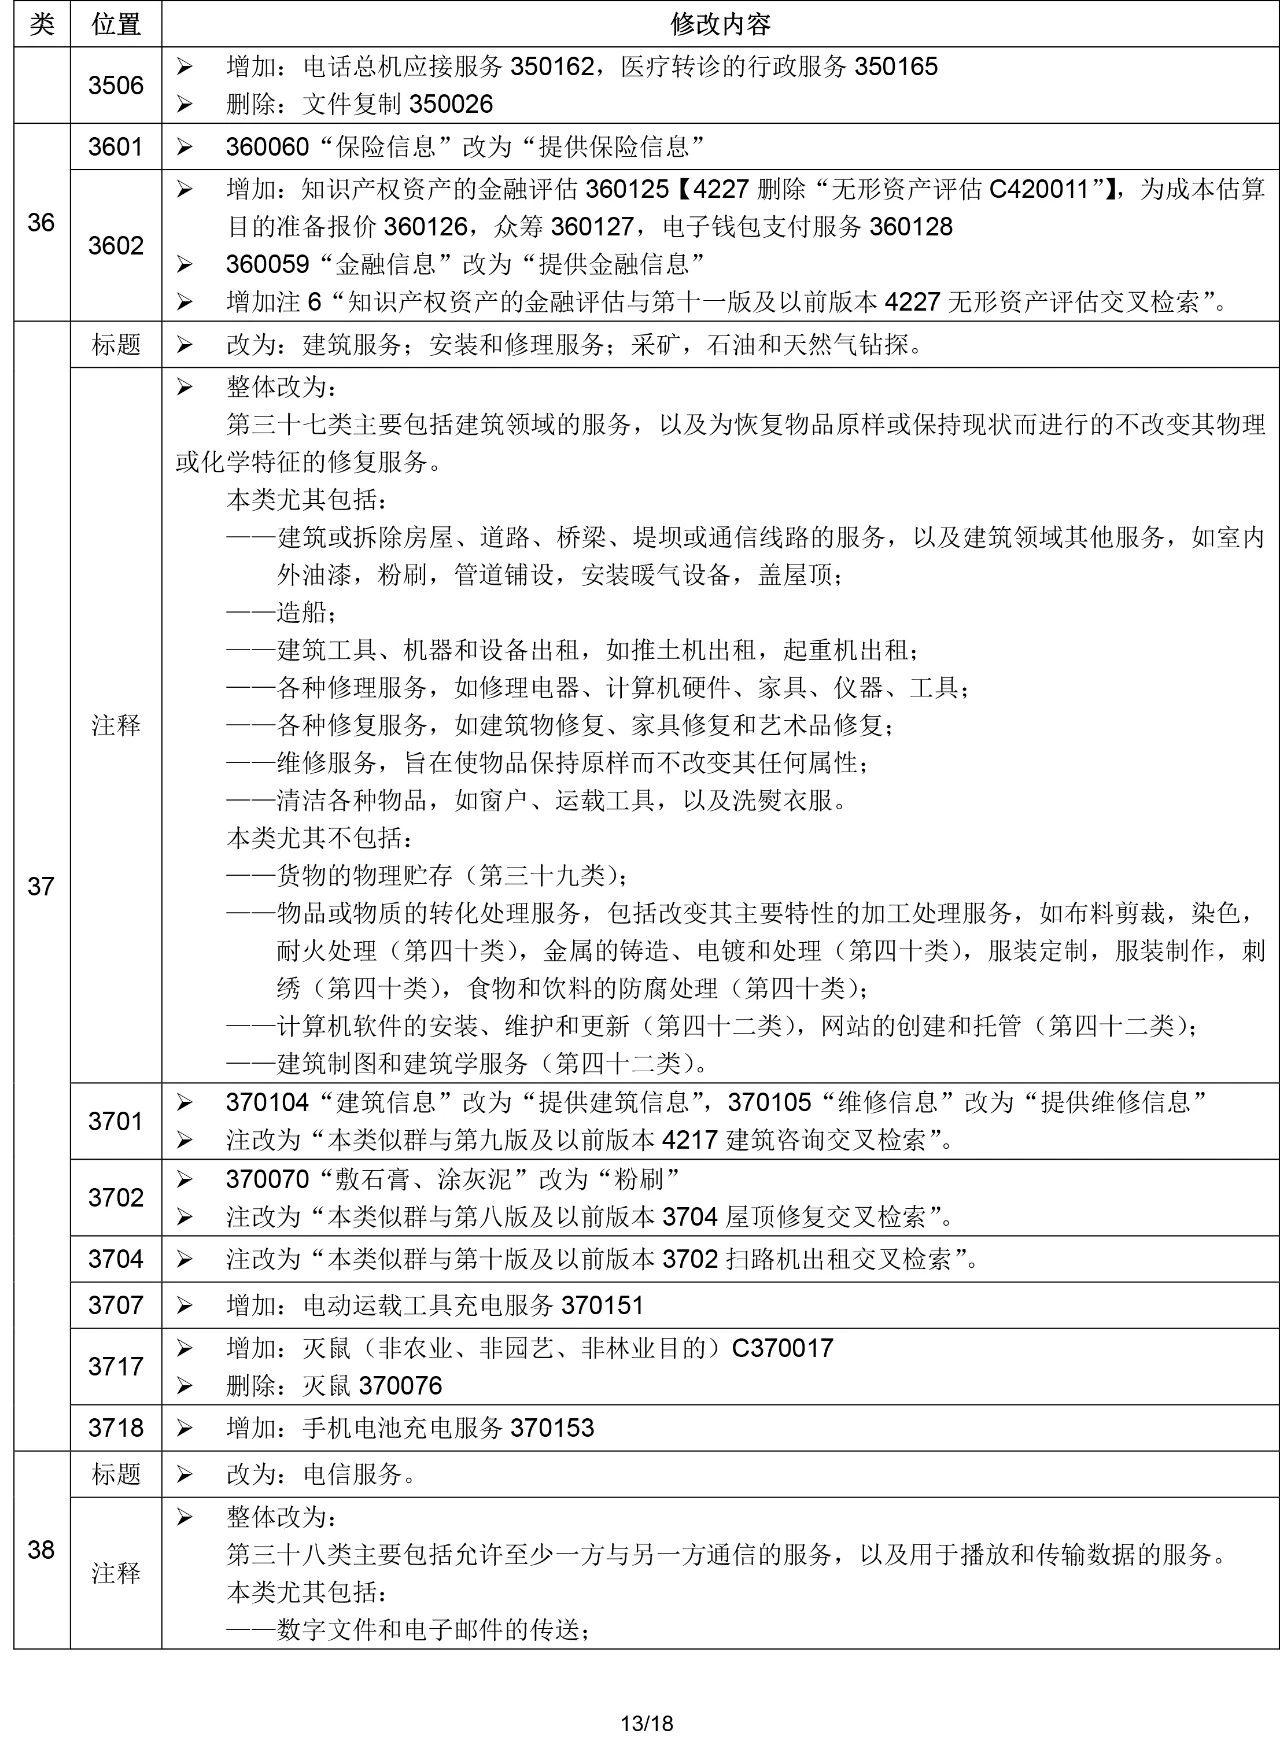 """2020.1.1起!""""尼斯分类第十一版2020文本""""正式启用(通知)"""